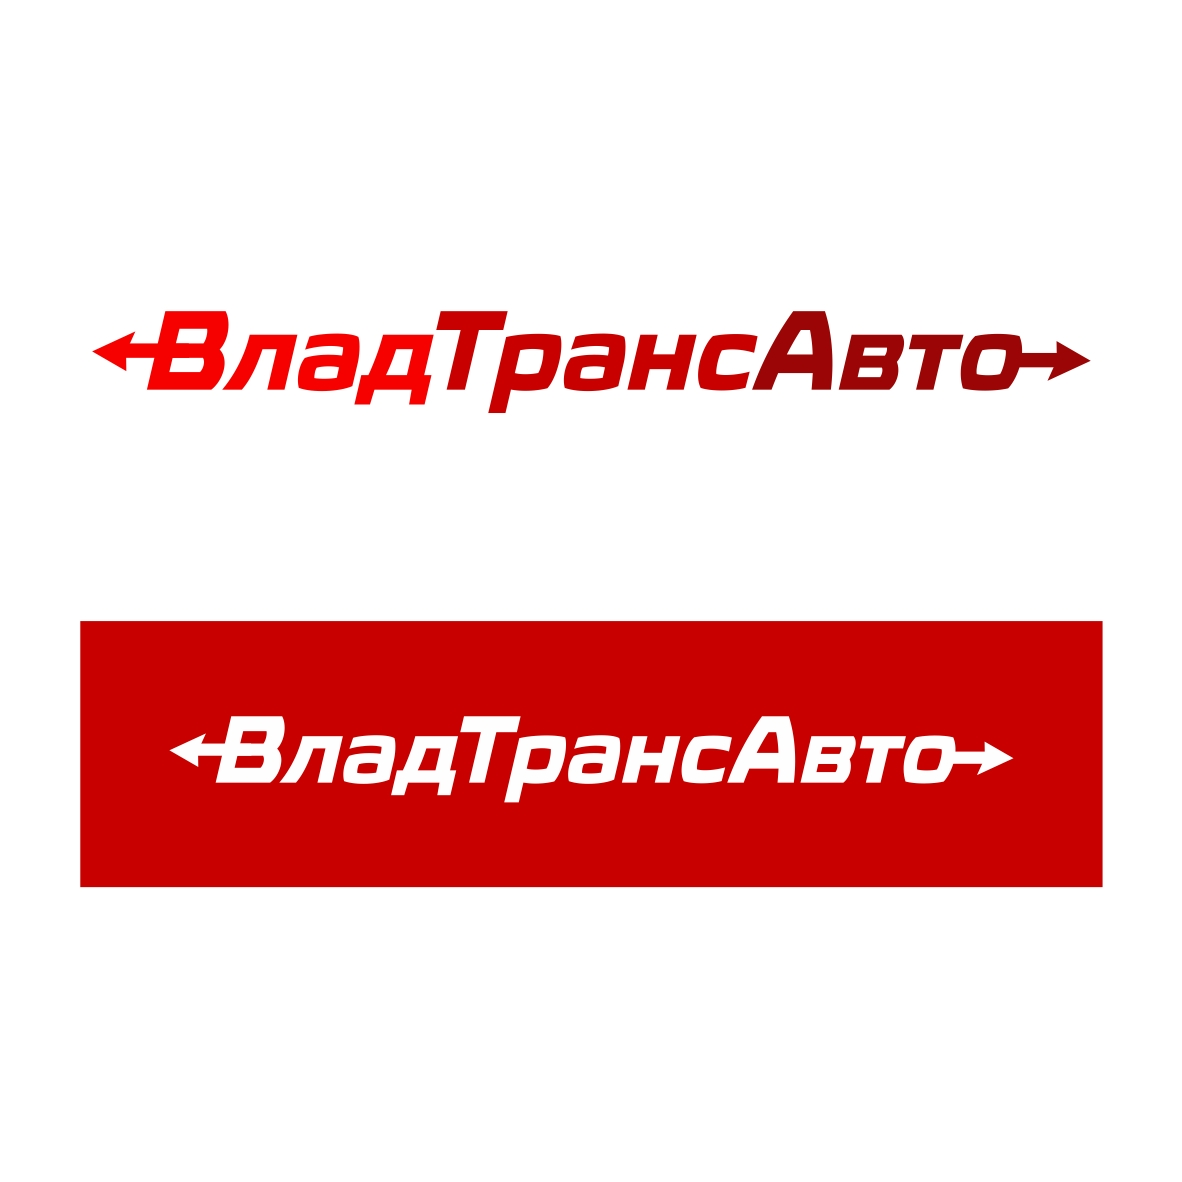 Логотип и фирменный стиль для транспортной компании Владтрансавто фото f_7175cdbad705d07d.jpg